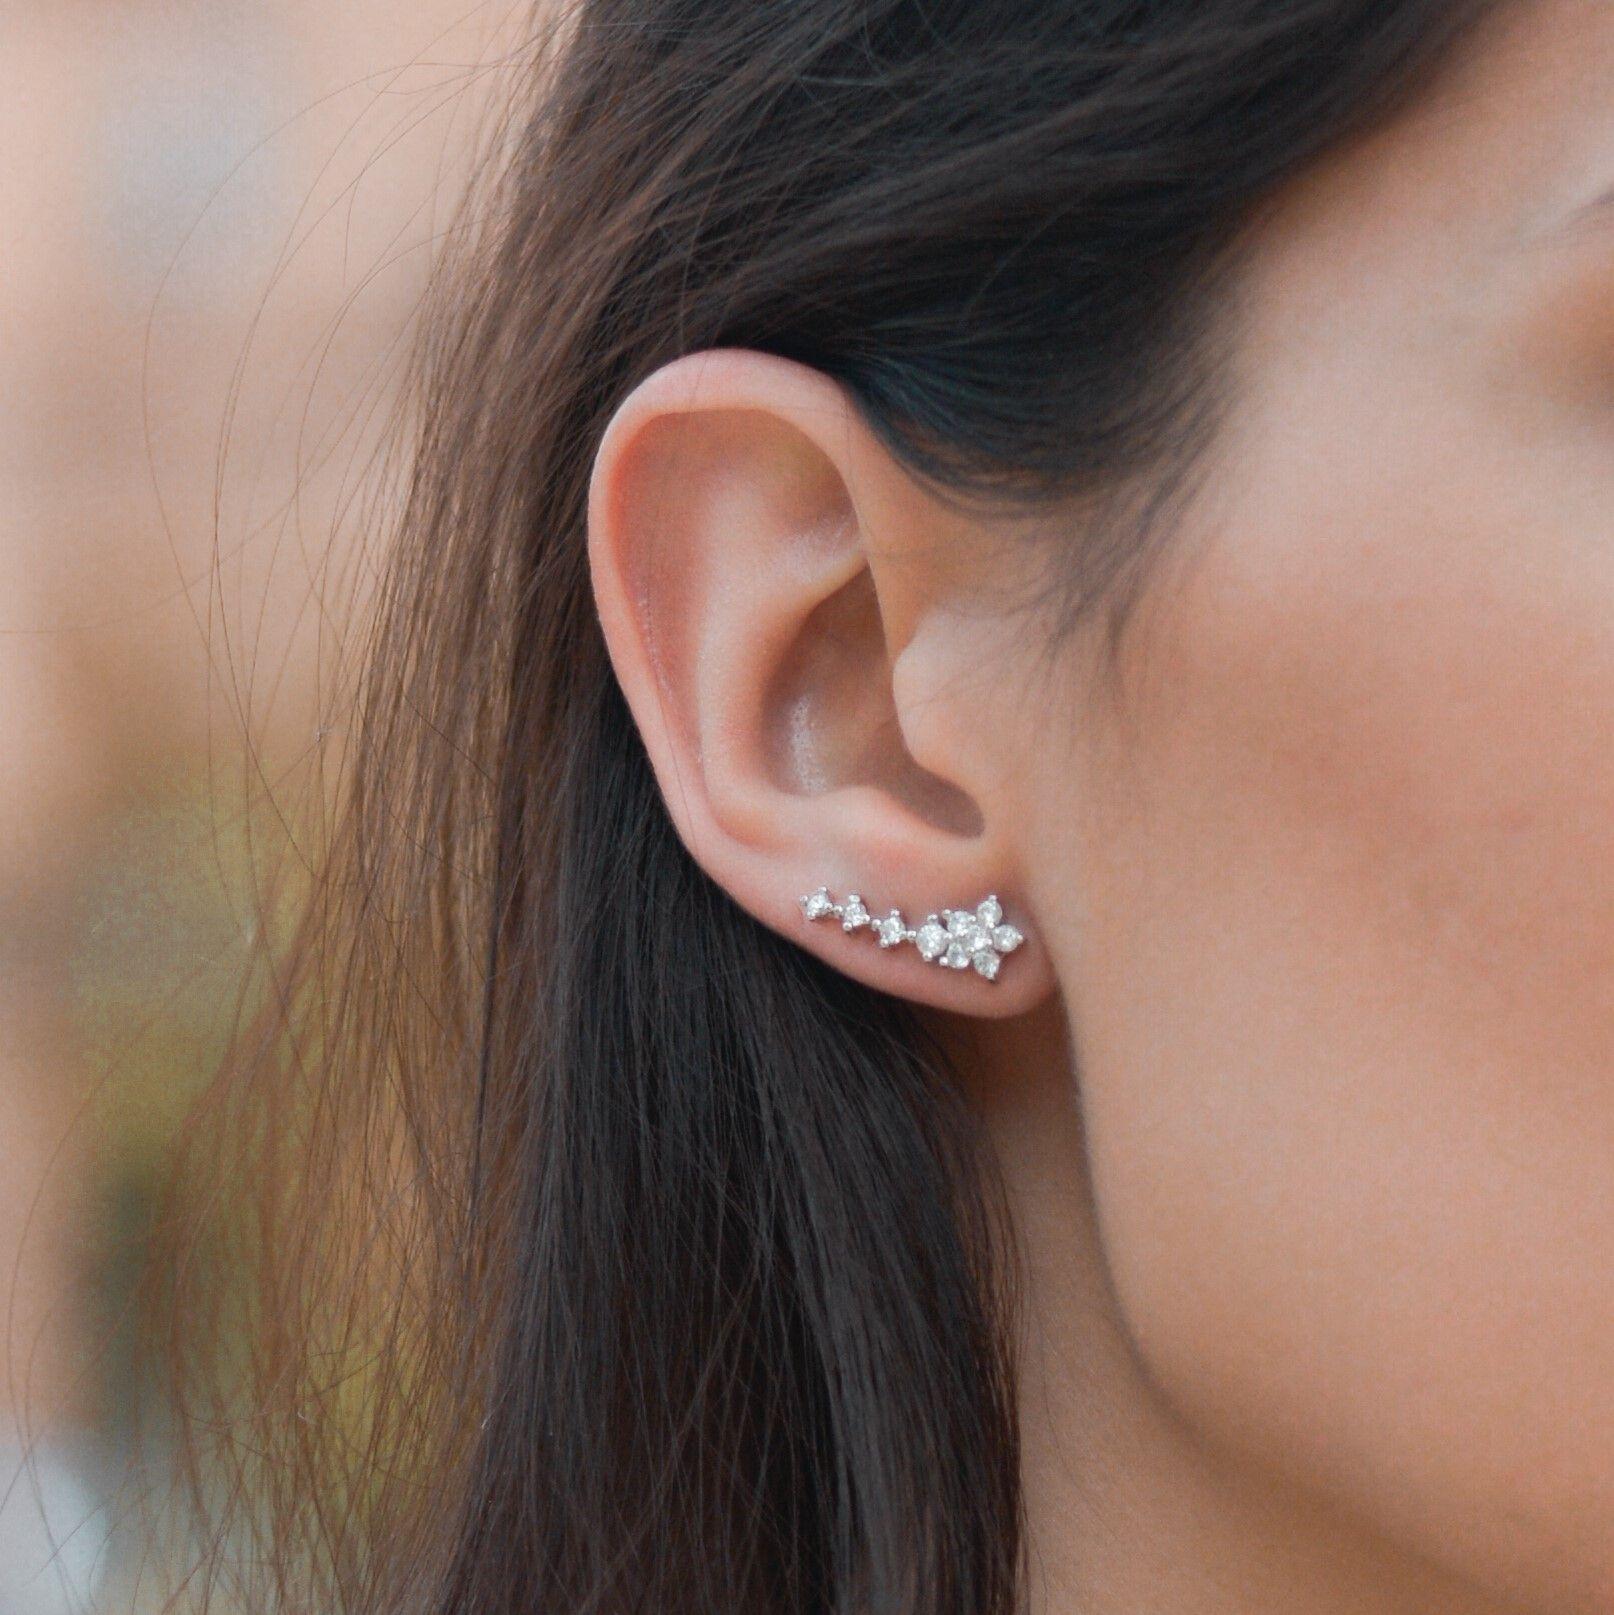 f26dd5249a04 Pendientes trepador flor. Plata 925 milésimas con circonitas  Vazón   earrings  silver